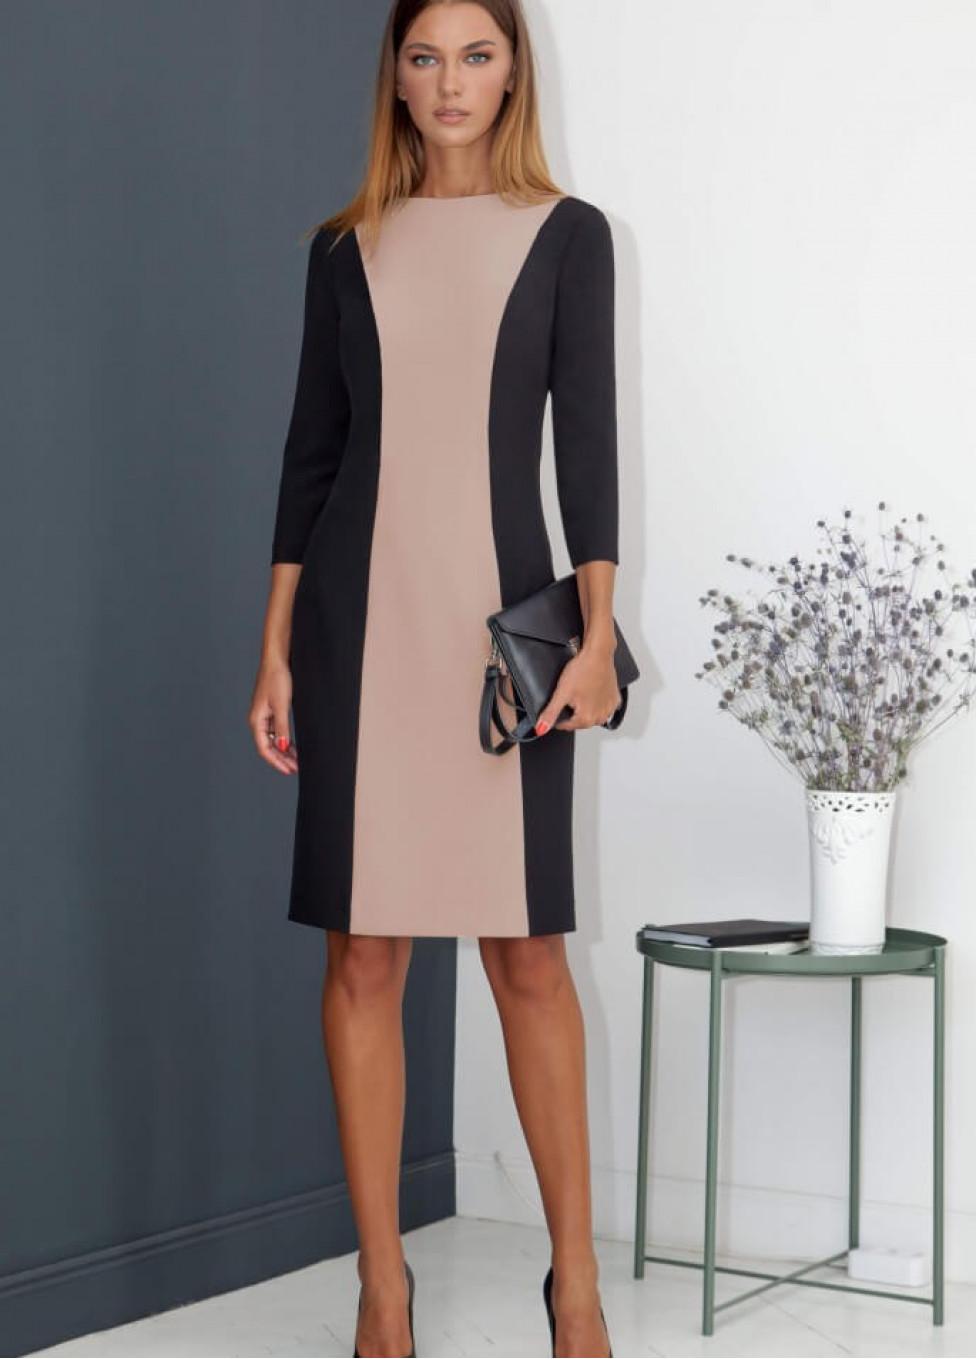 Обзор модных вечерних платьев в 2021: подбираем модель по фигуре